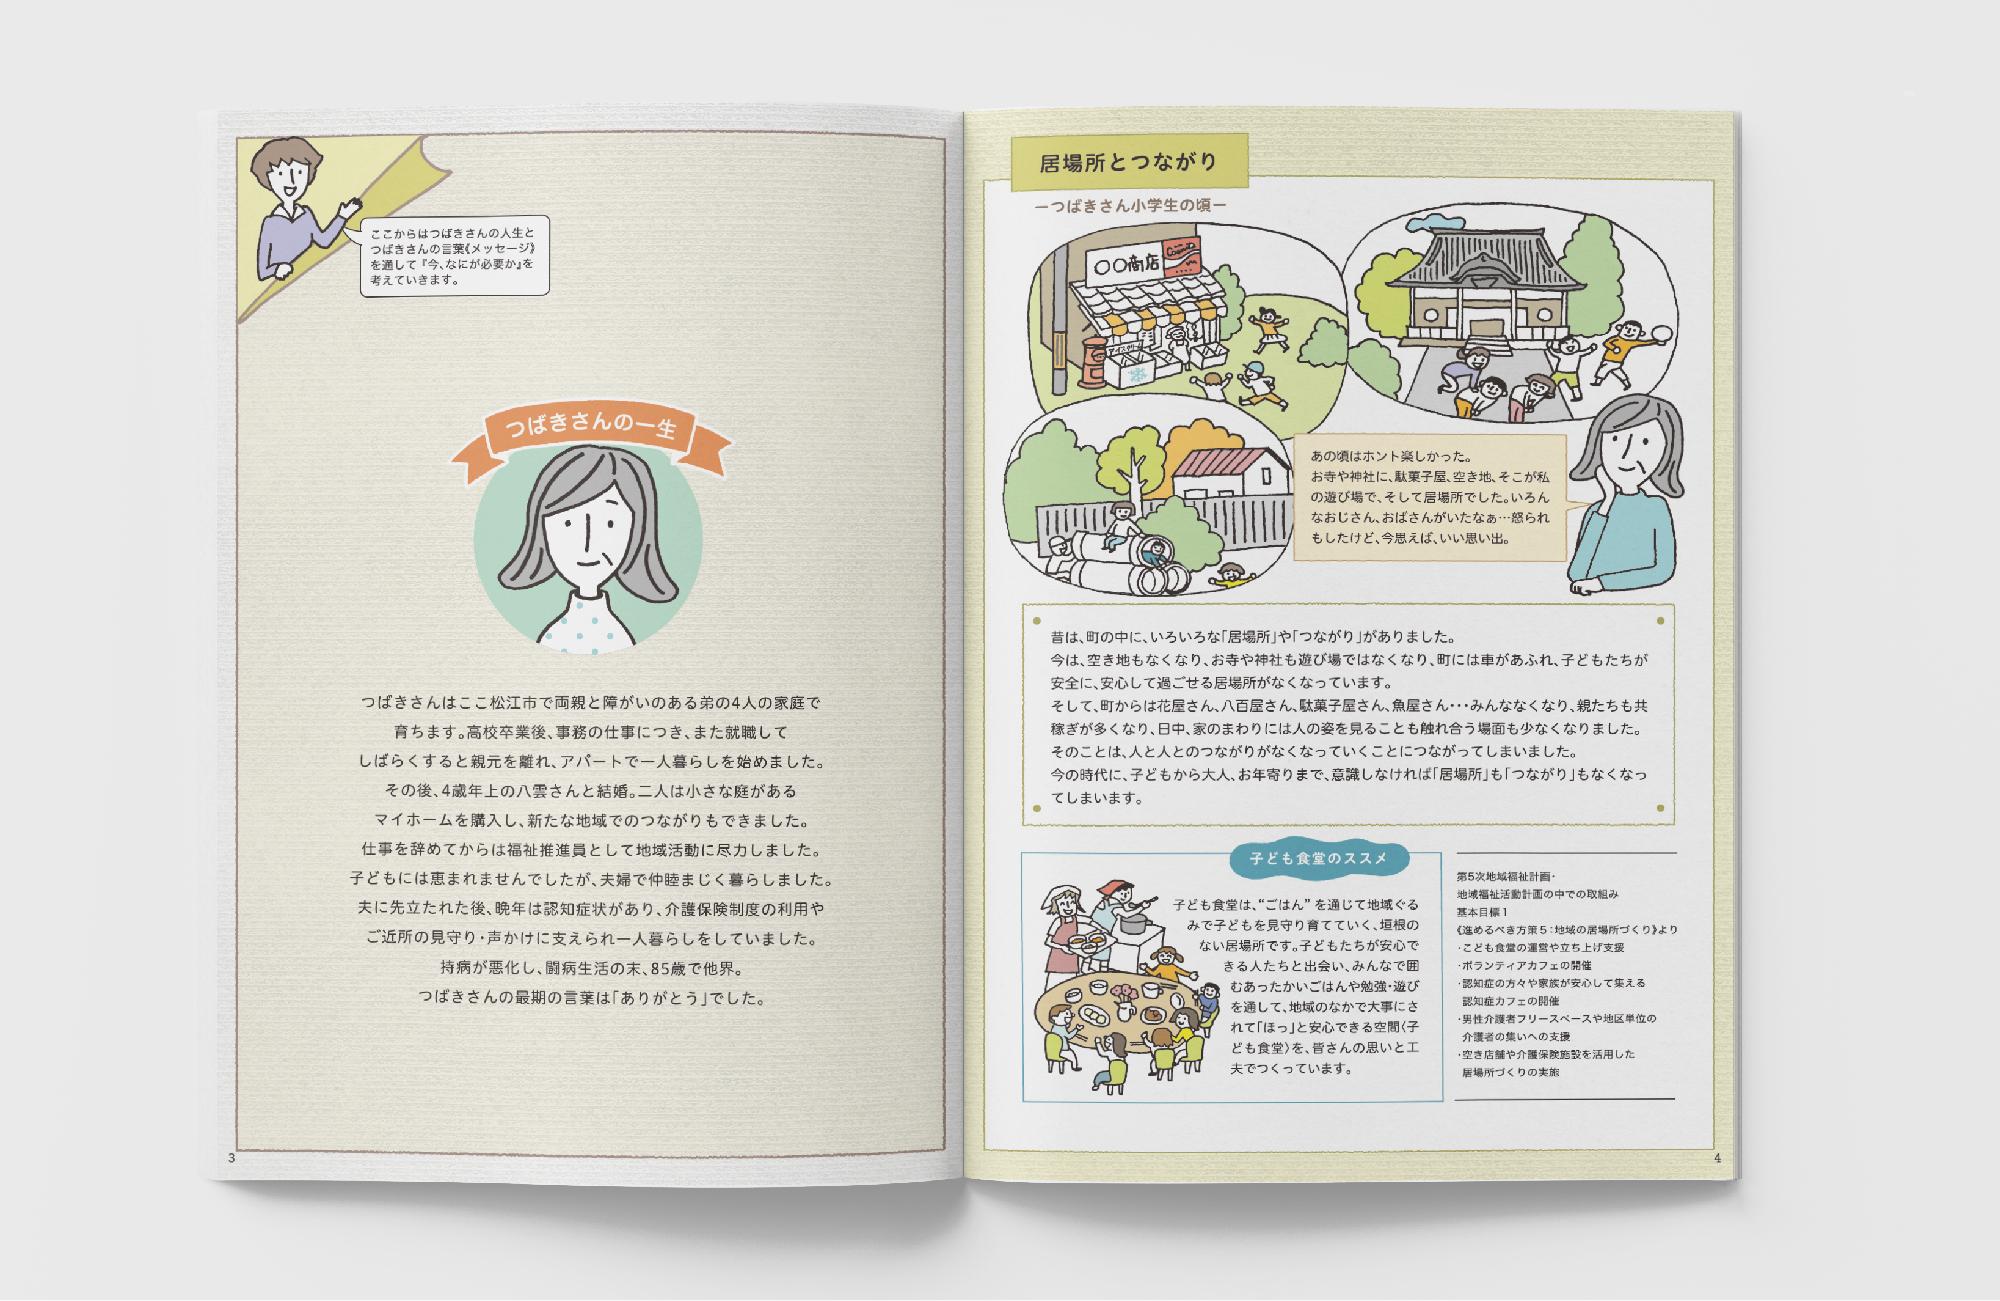 第5次松江市地域福祉計画【普及版】